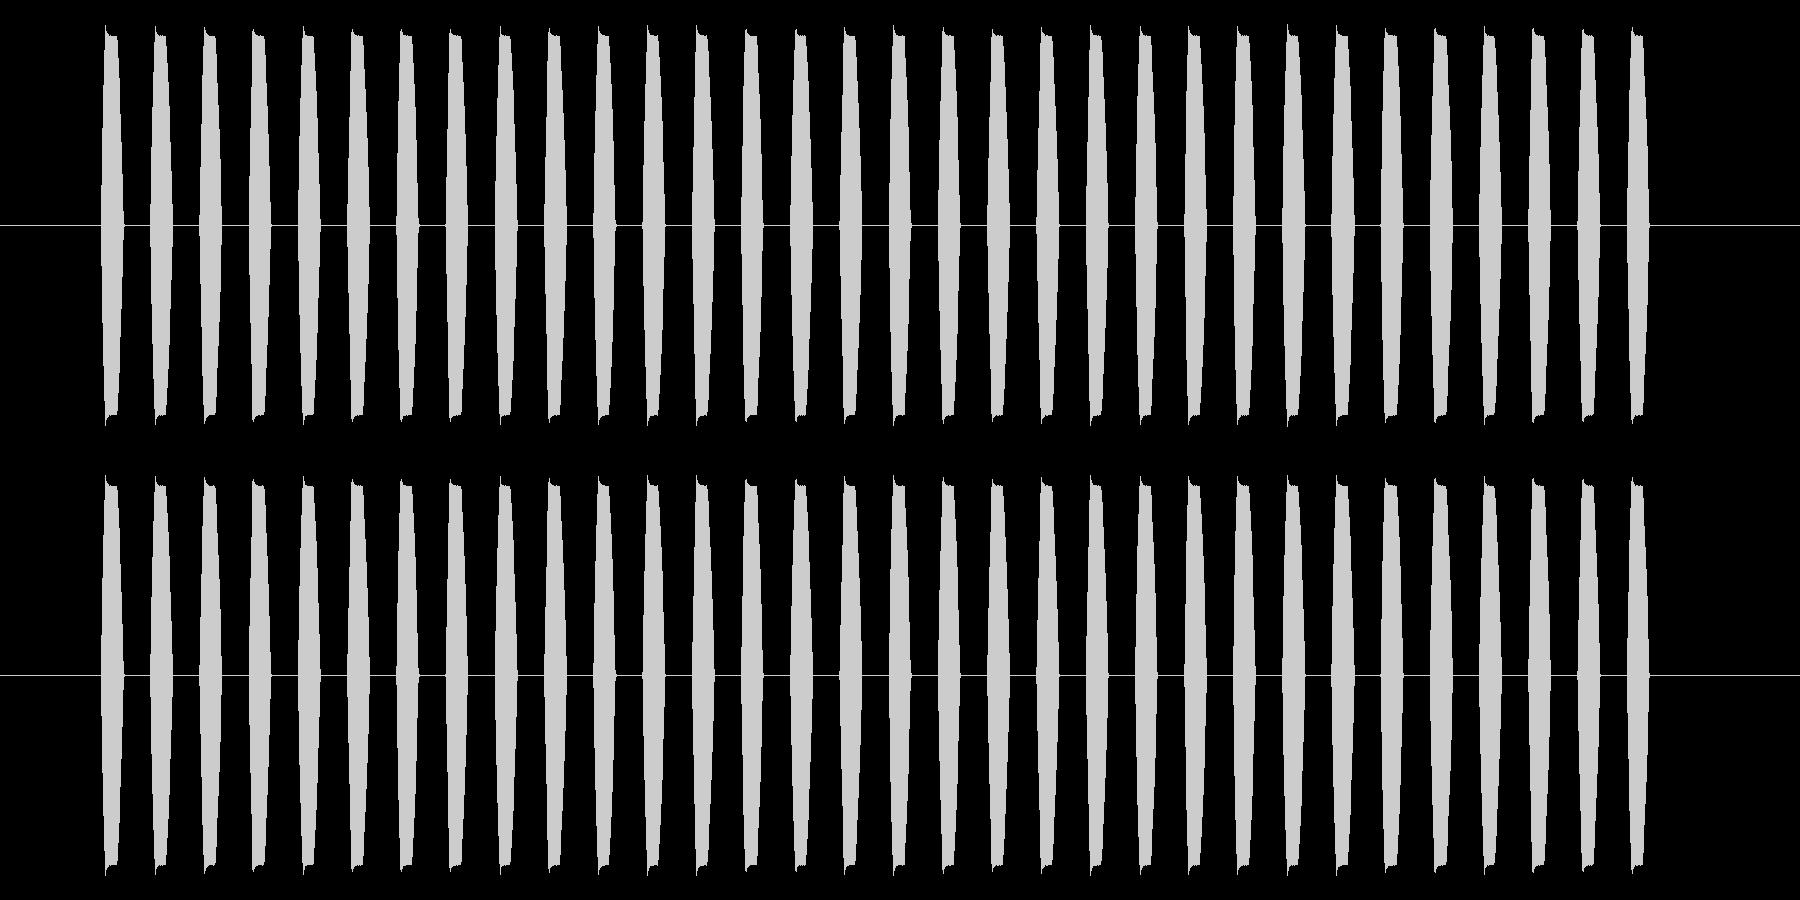 SNES-RPG01-09(メッセージ)の未再生の波形